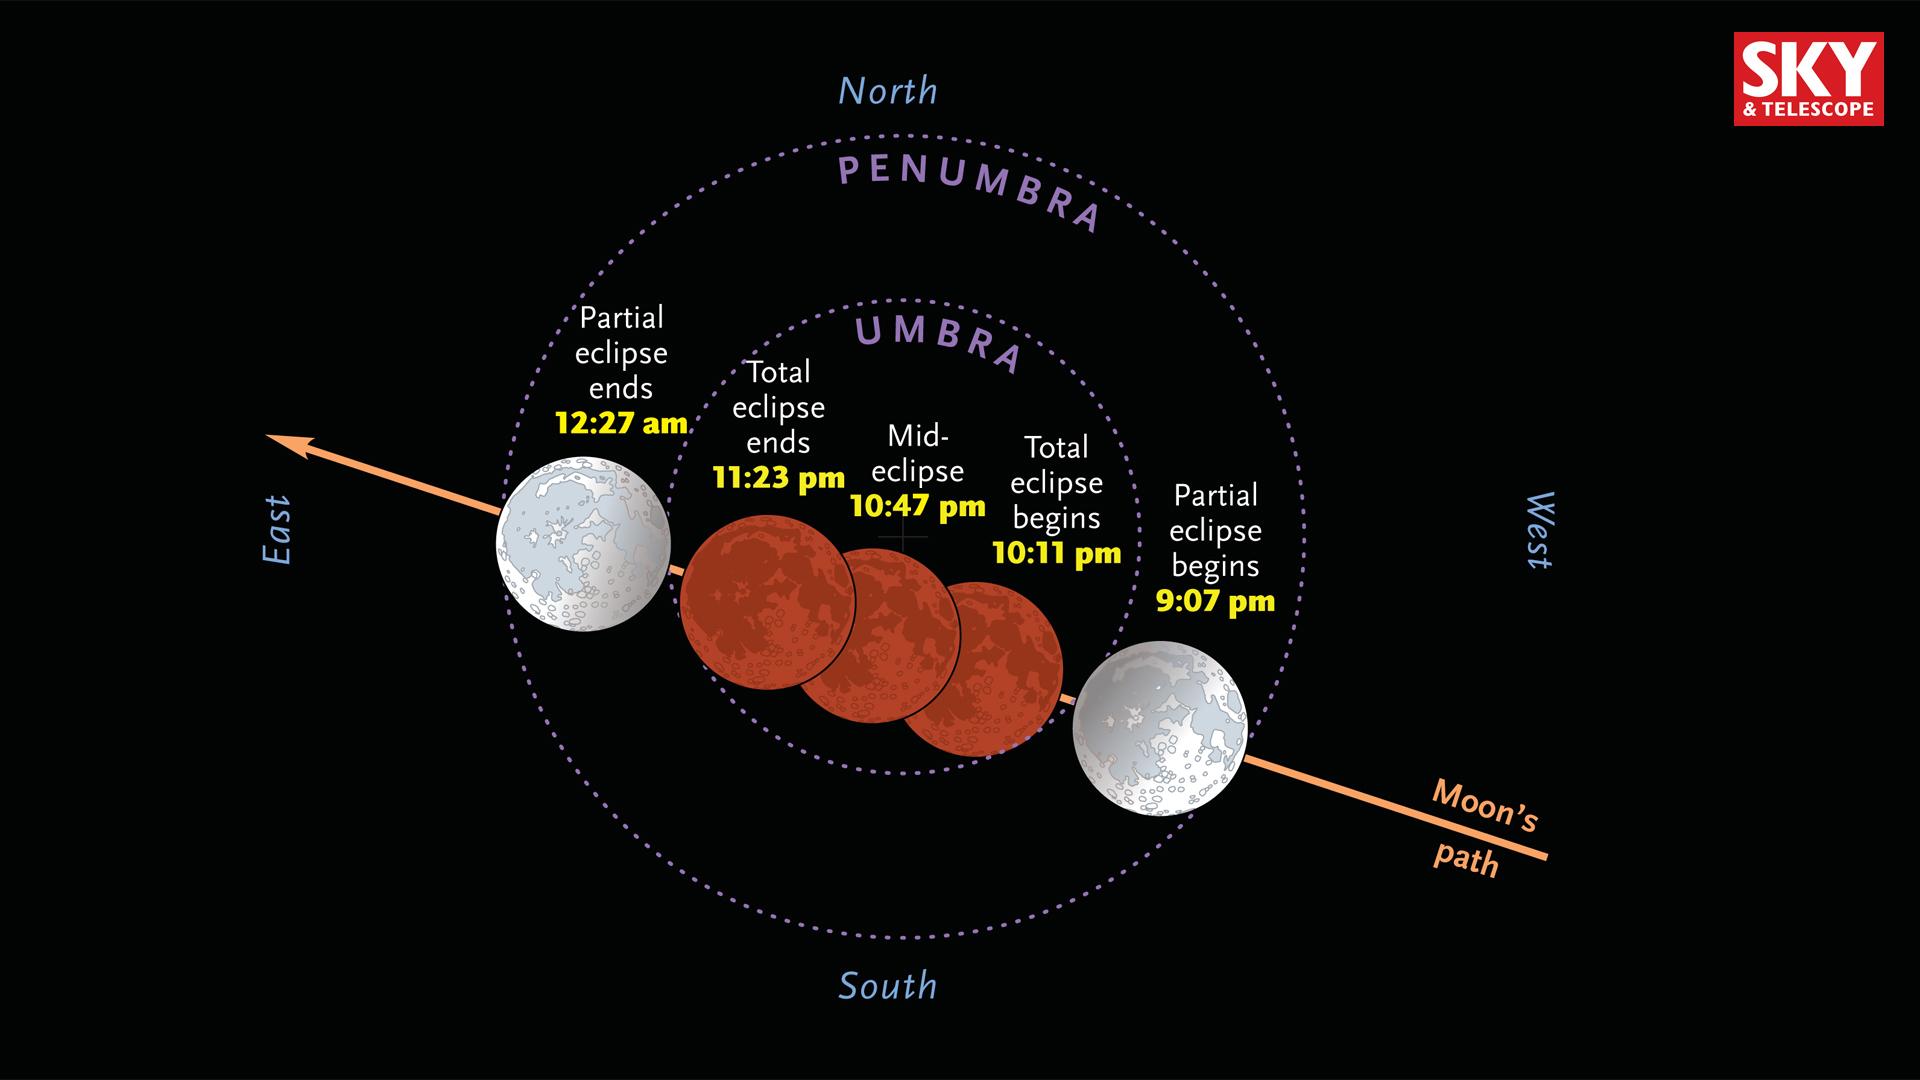 Total lunar eclipse on Sept. 27-28, 2015